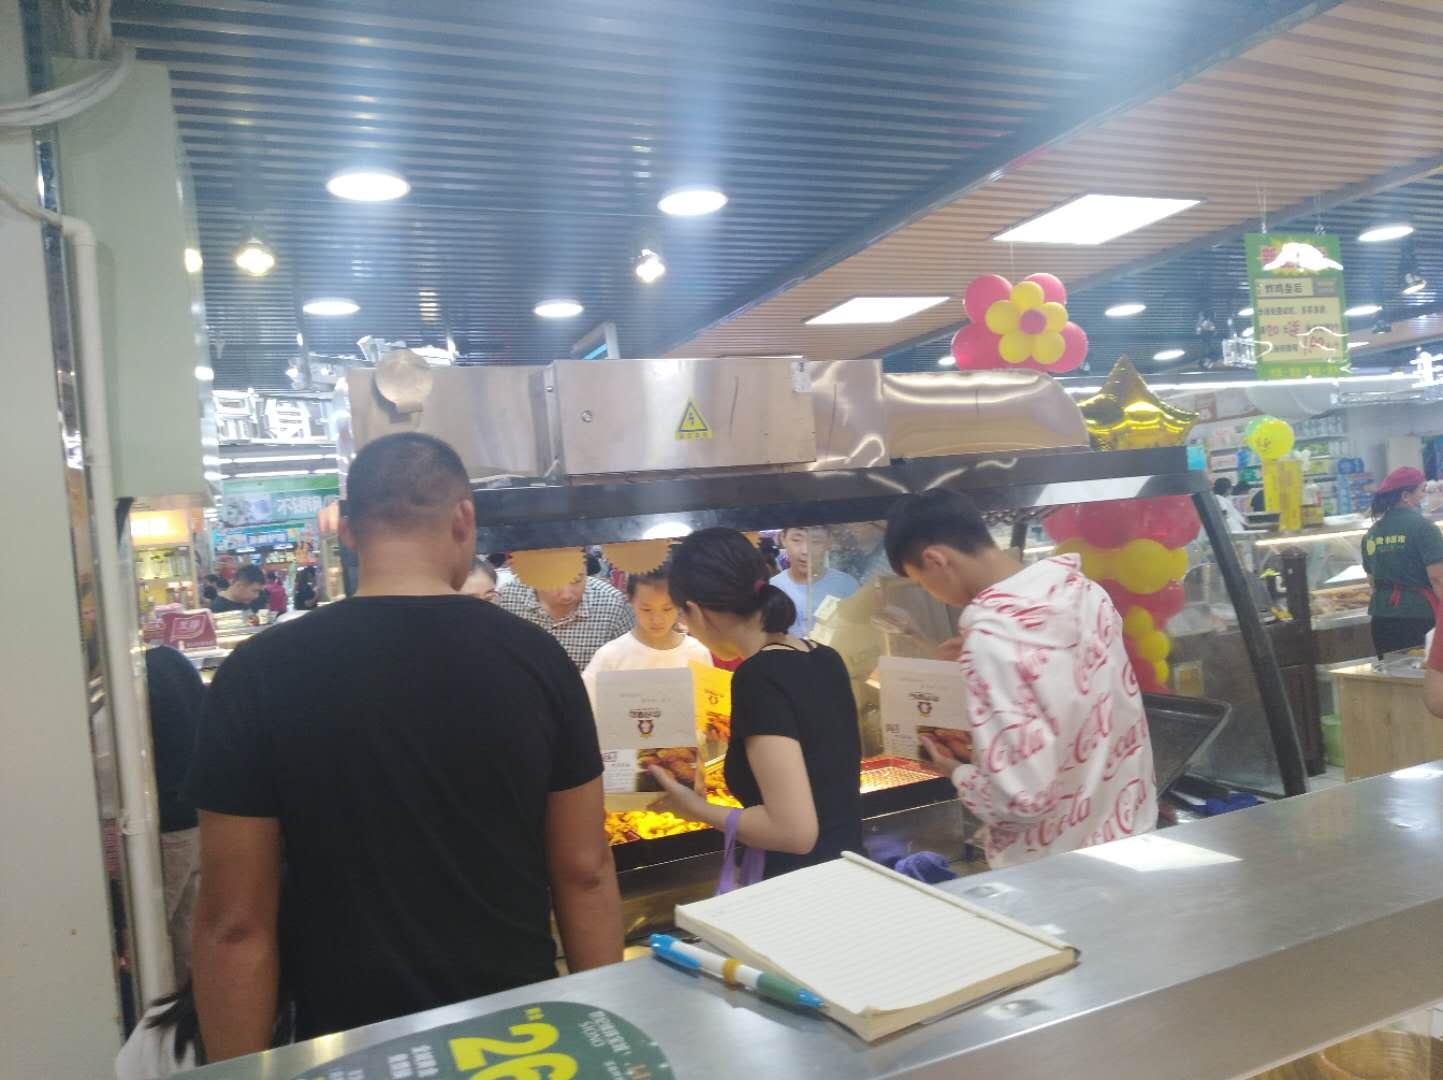 山东省邹城市太平西路769号贵和购物广场炸鸡皇后开业啦!